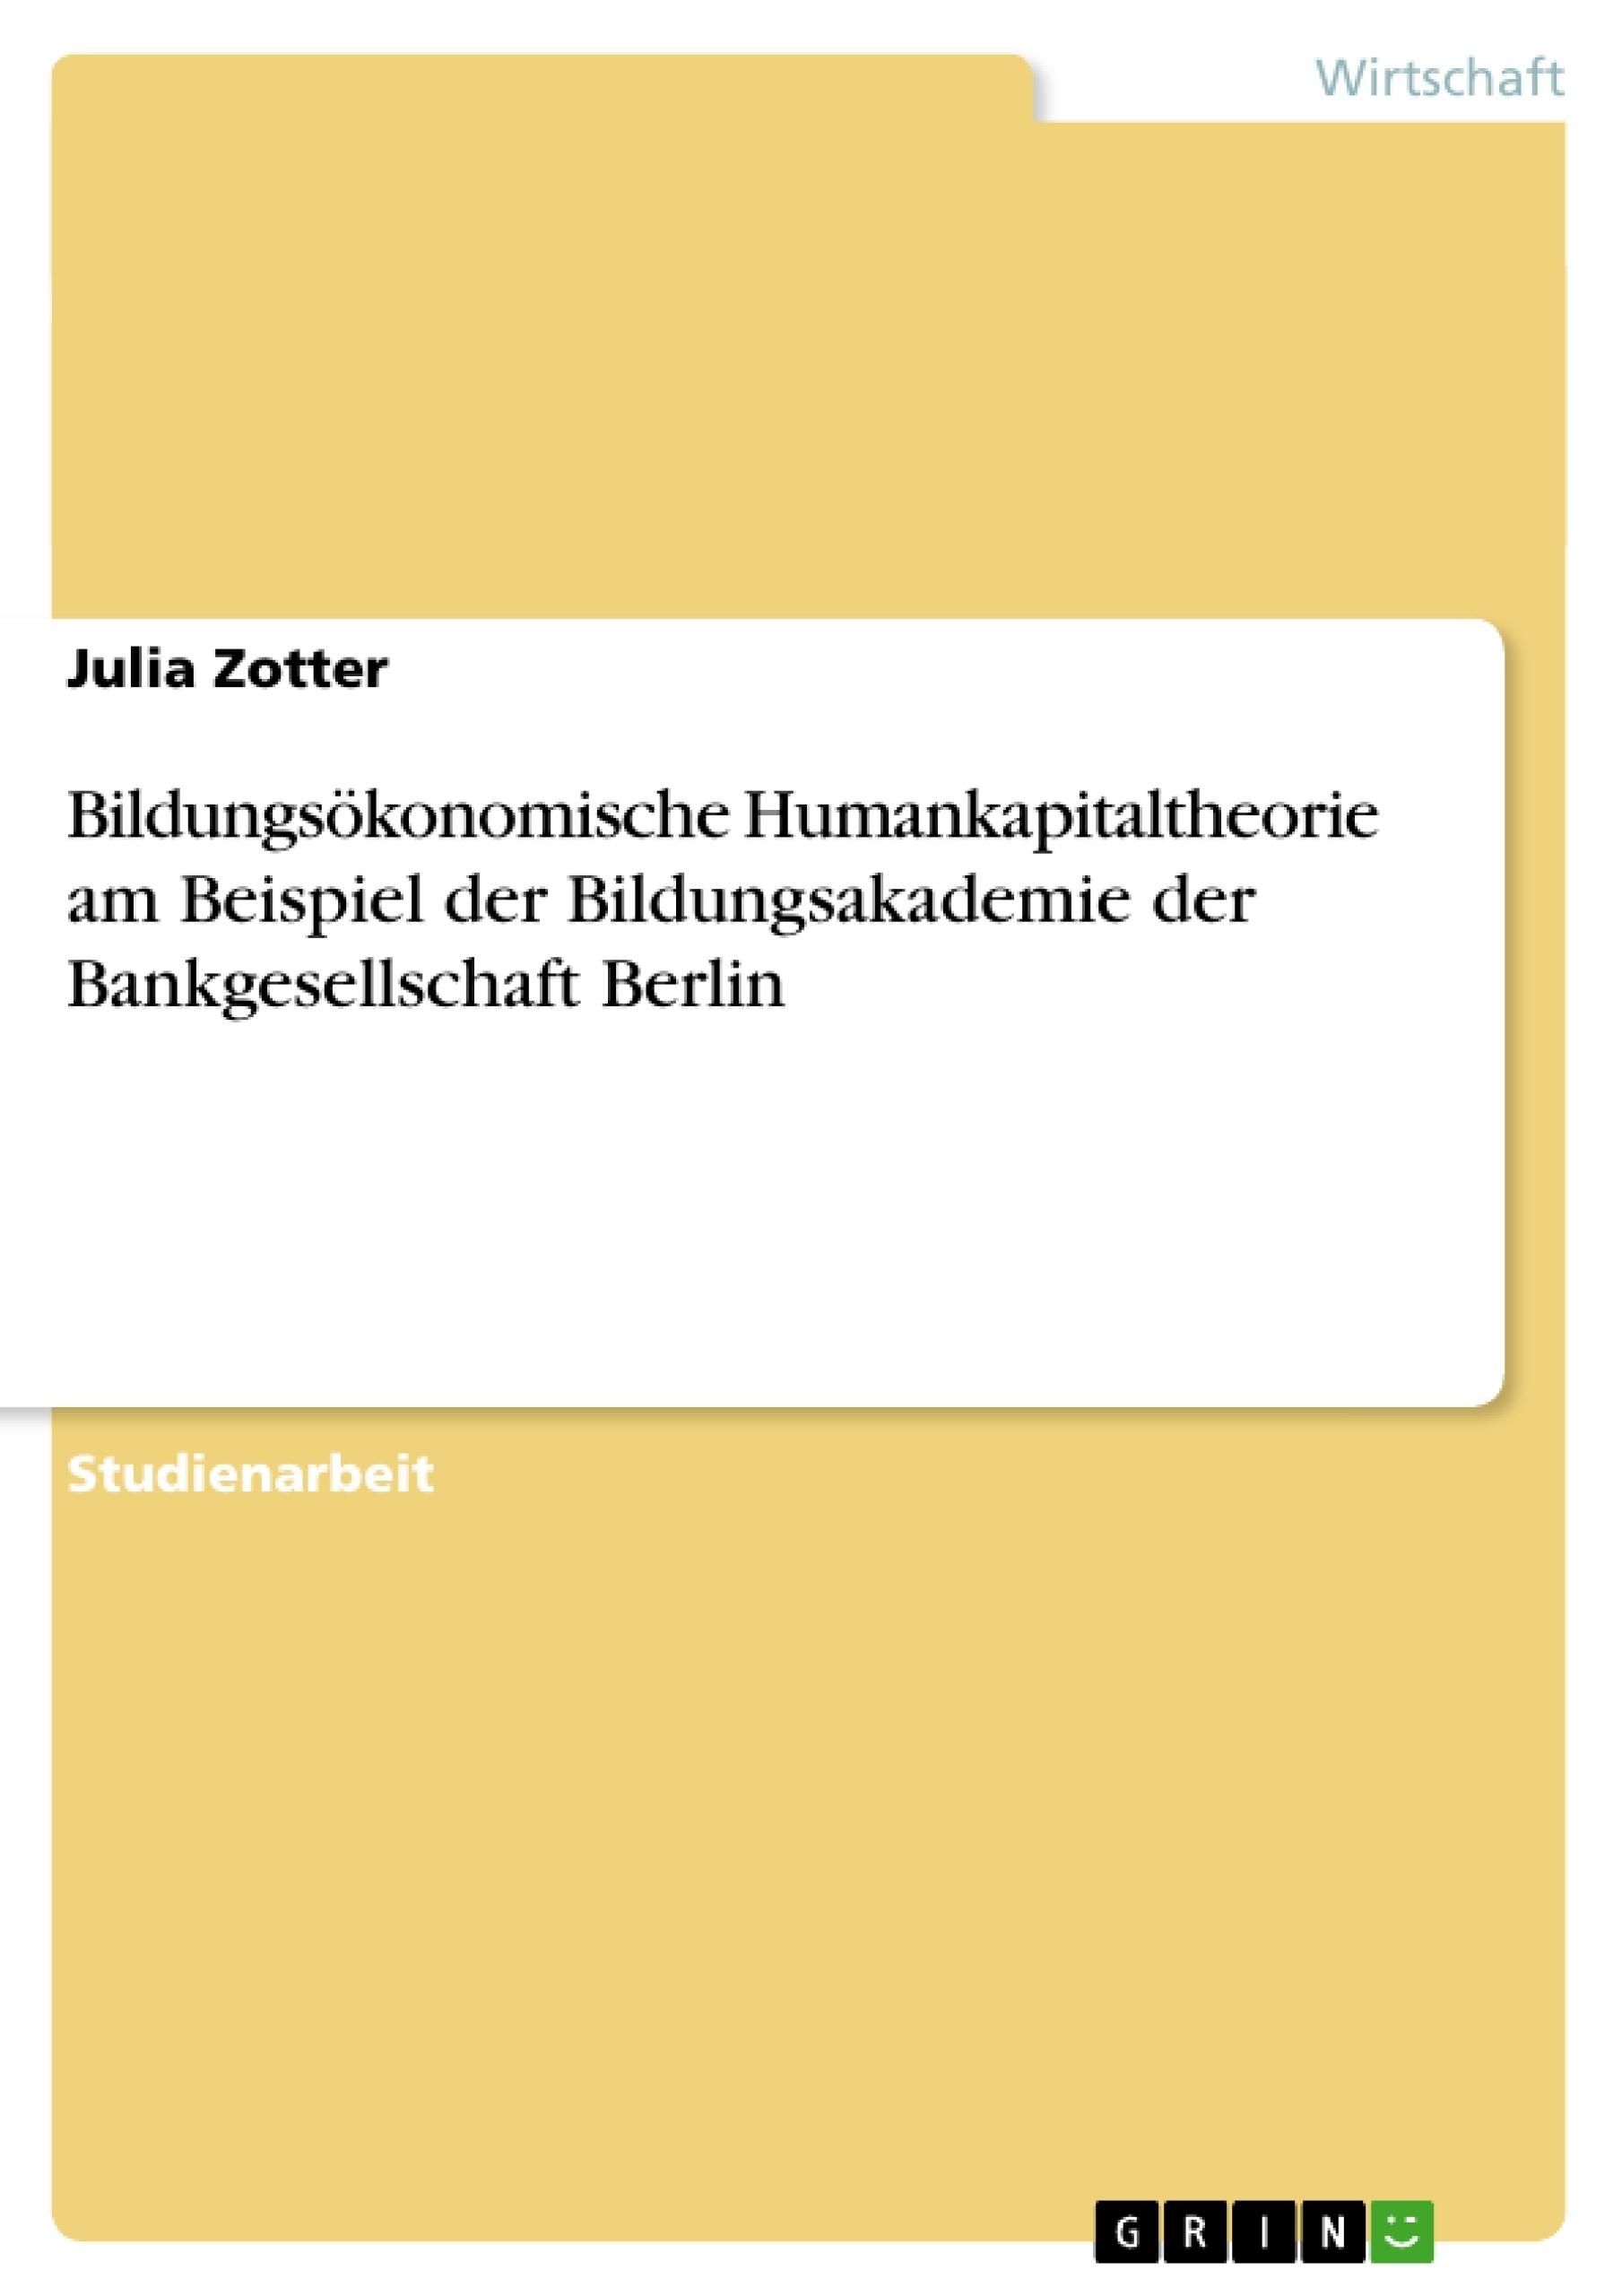 Titel: Bildungsökonomische Humankapitaltheorie am Beispiel der Bildungsakademie der Bankgesellschaft Berlin